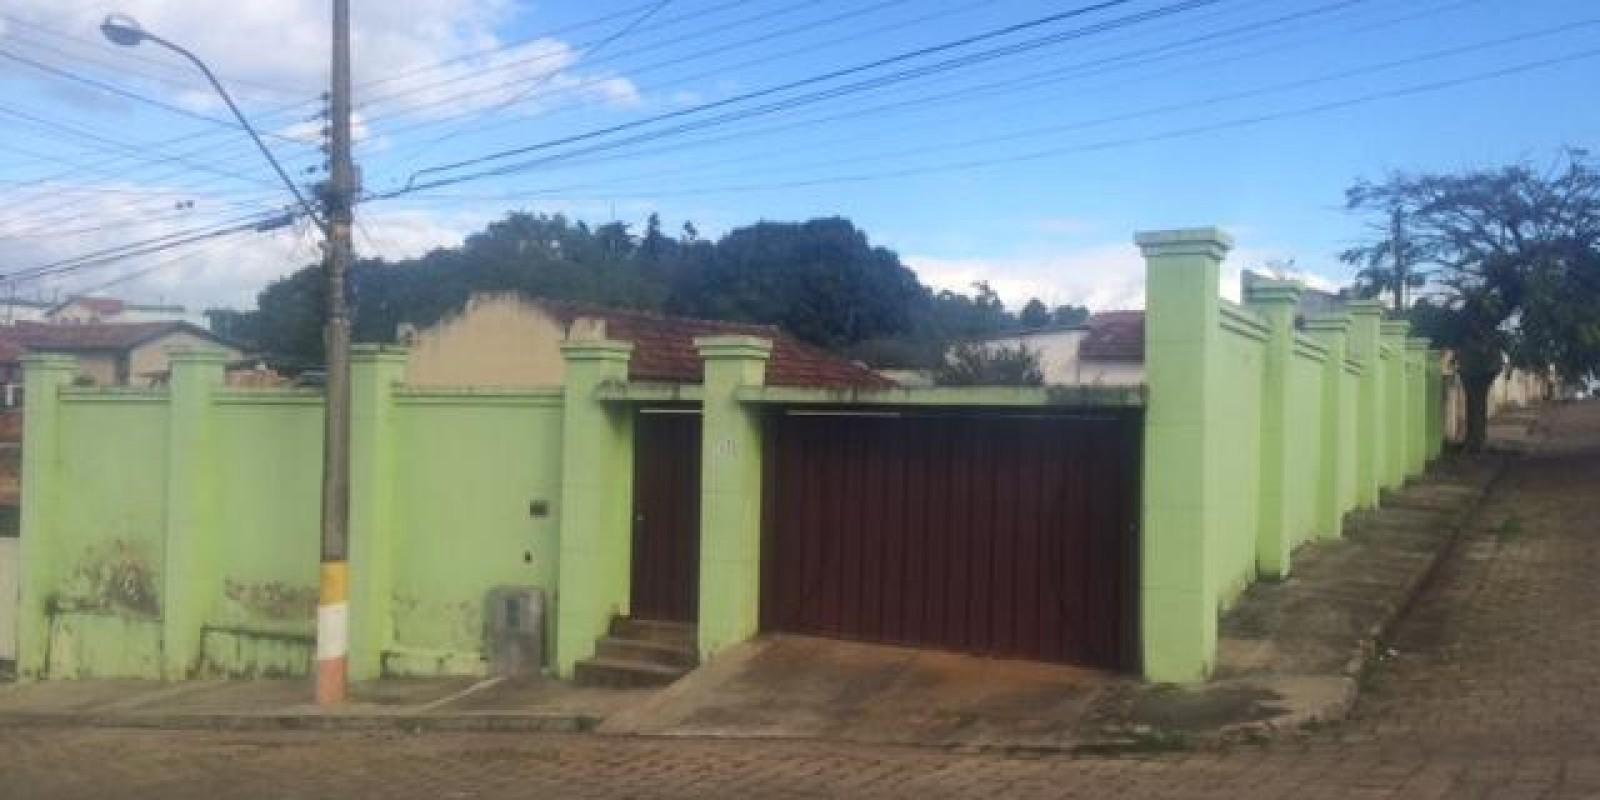 Terreno no Bairro Pinheiro Machado em Avaré SP - Foto 1 de 4